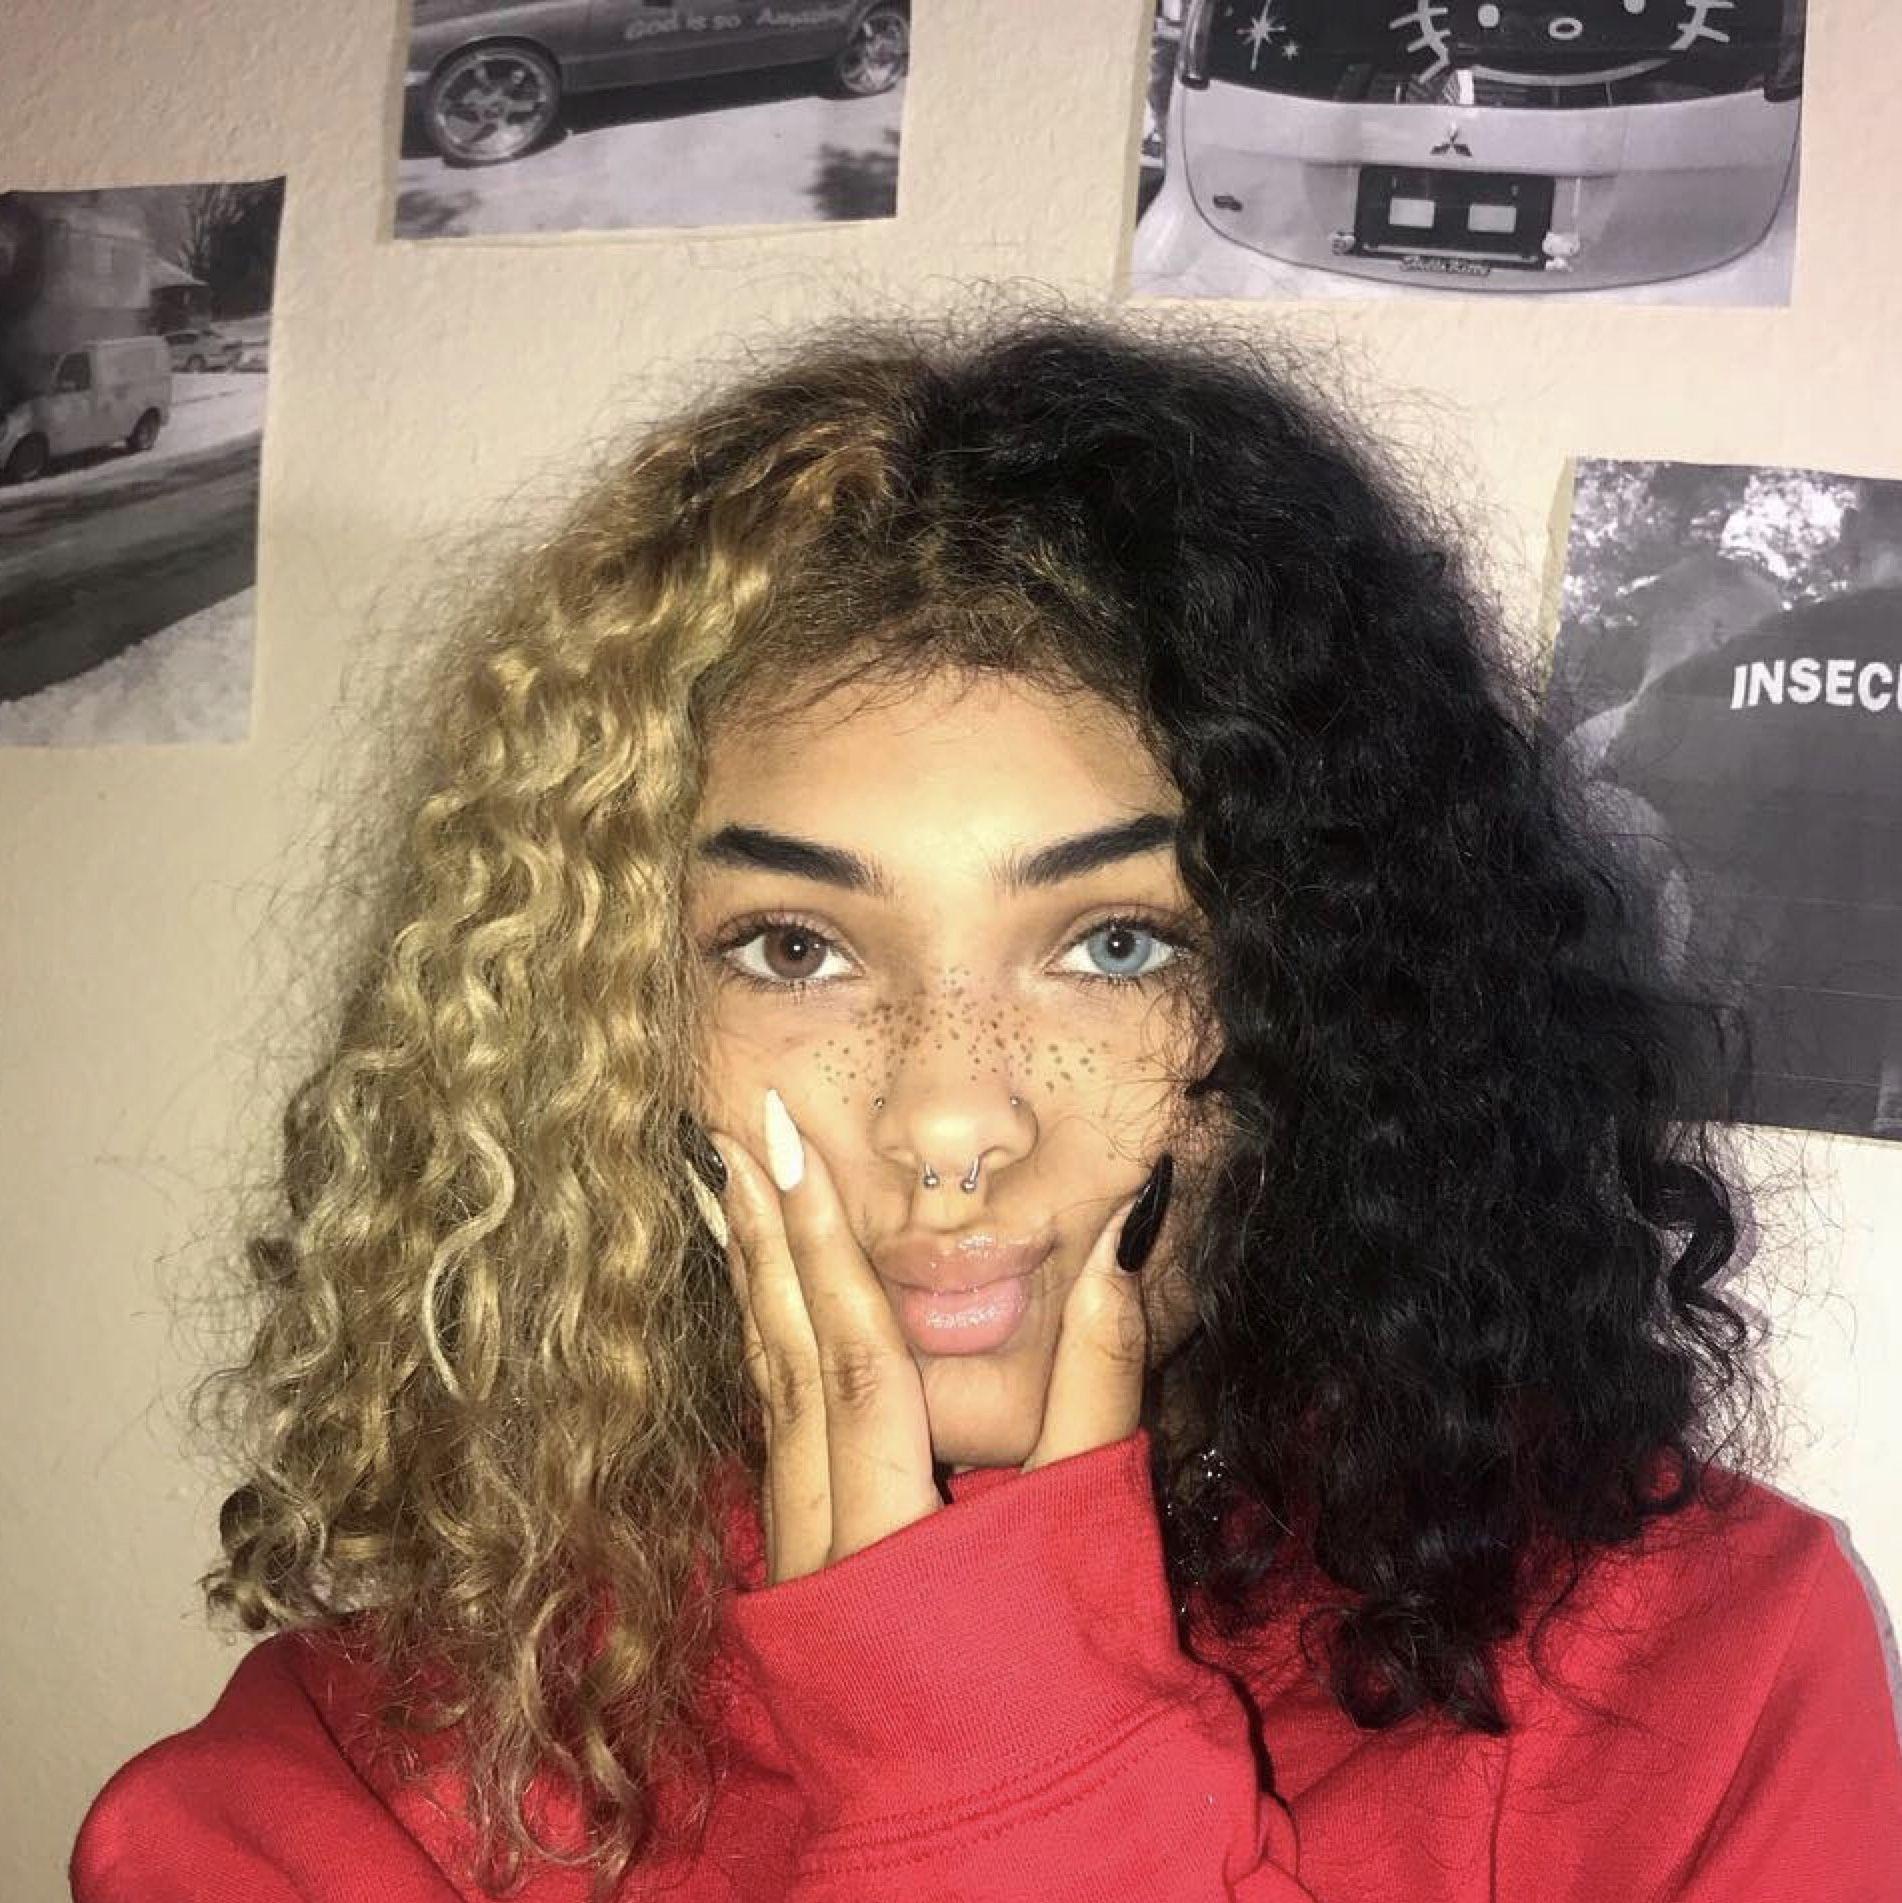 Zookey Ke Zookey Ke Dyedhair Dyedhairaesthetic Dyedhairafricanamerican Dyedhairblonde Dyedhairblue In 2020 Curly Hair Styles Aesthetic Hair Split Dyed Hair